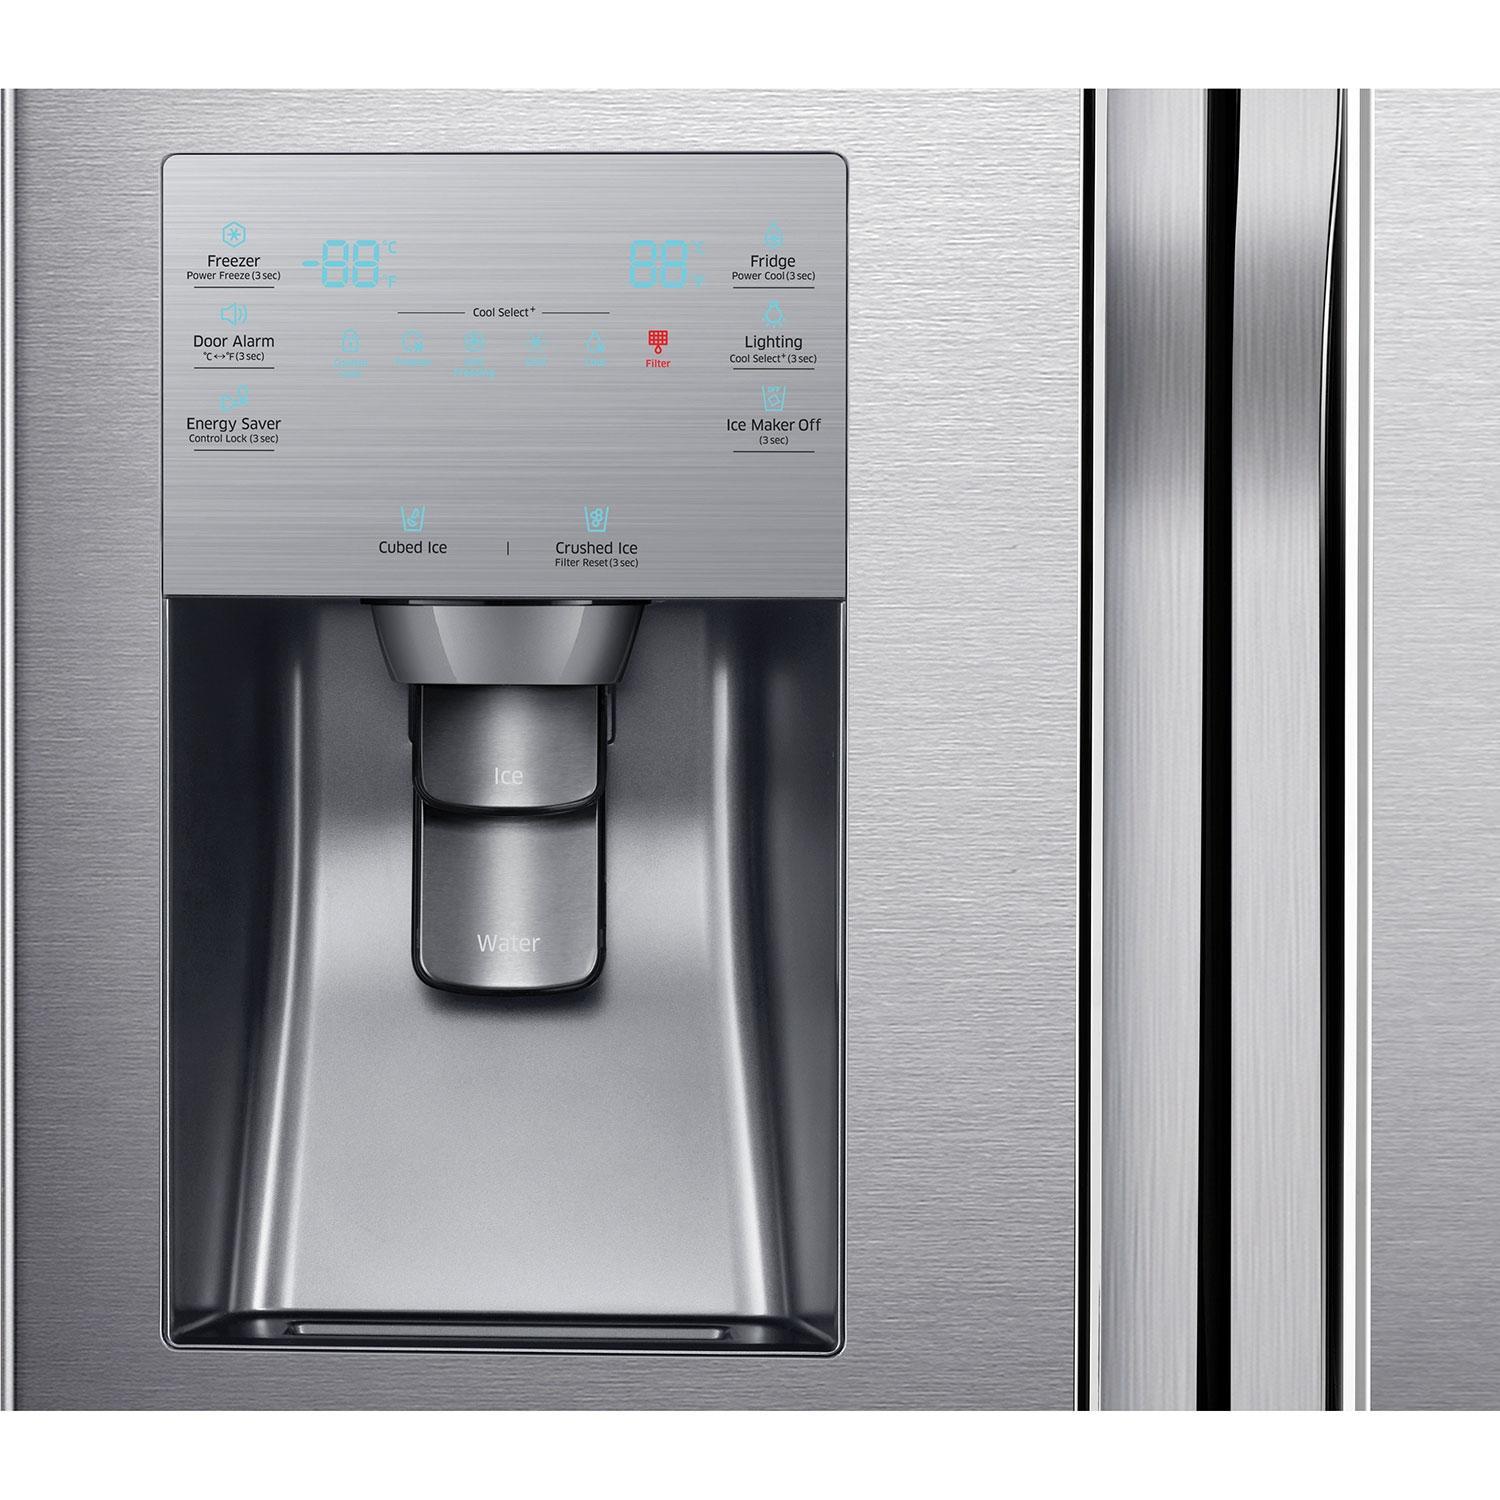 Huge Refrigerator Samsung 357 225 Cu Ft 4 Door French Door Refrigerator